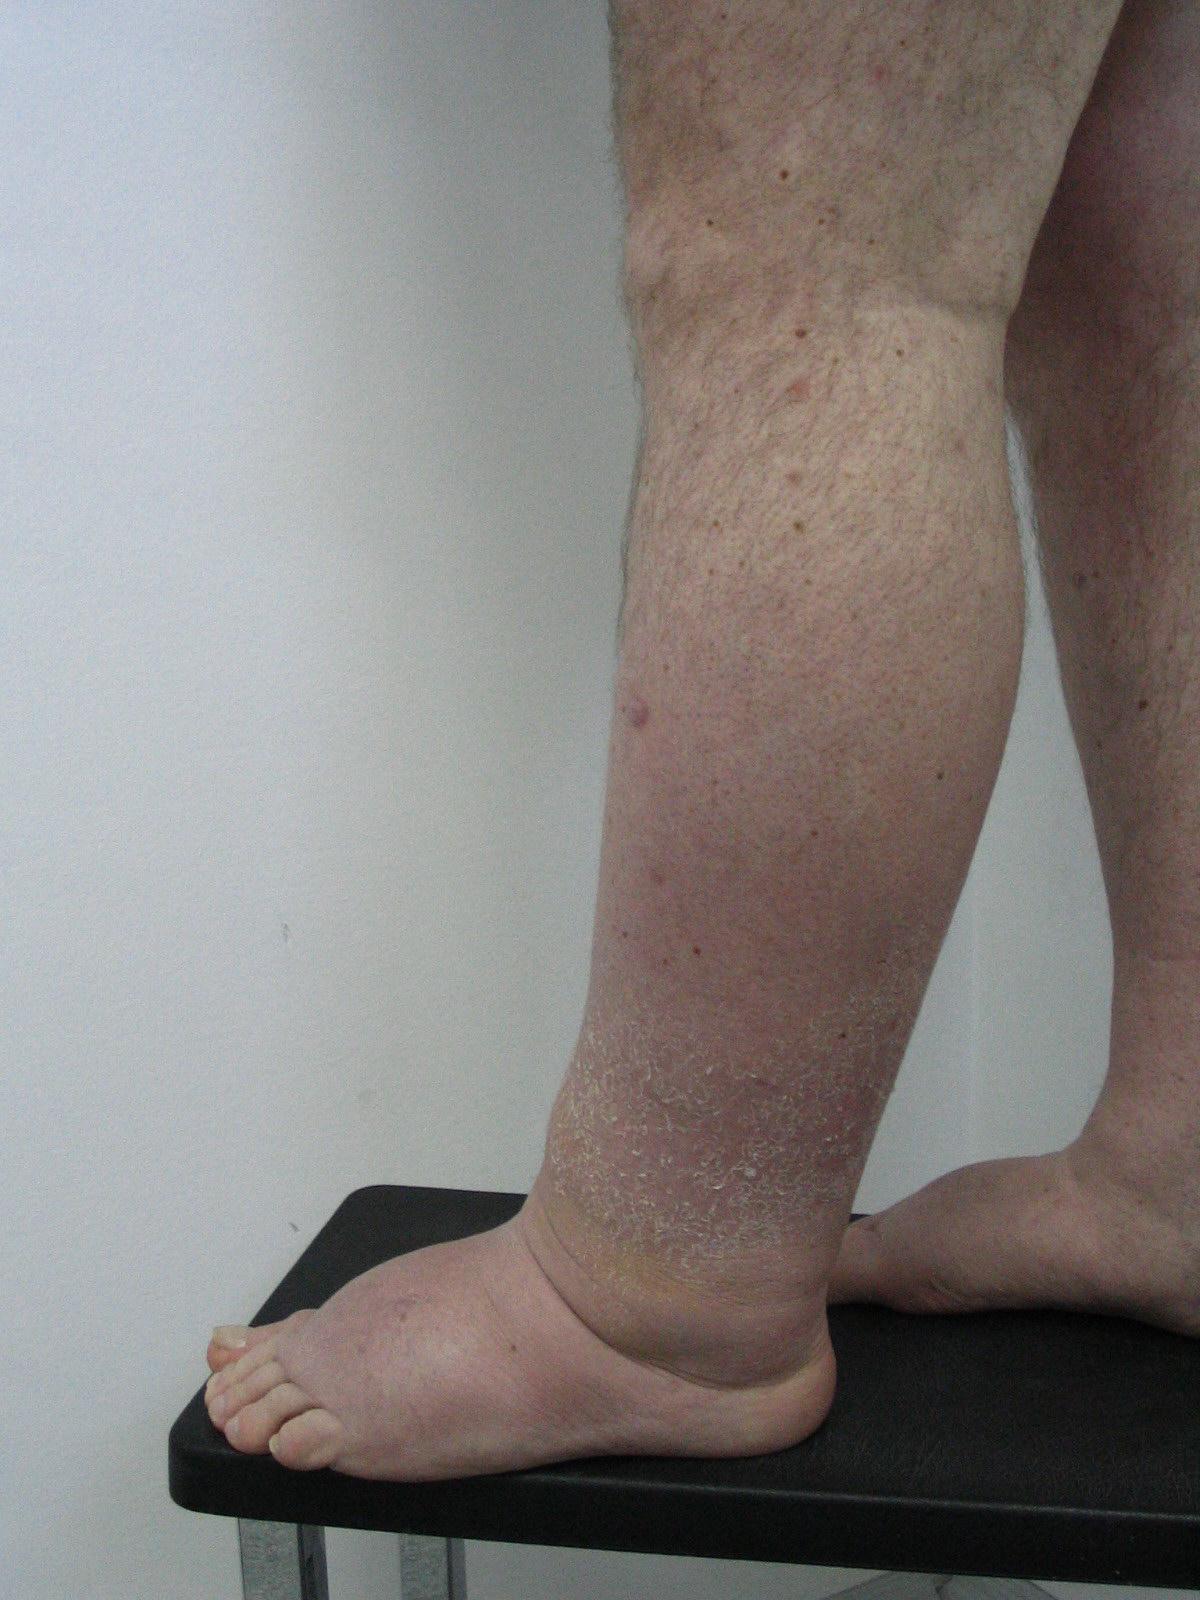 inflamația ganglionului limfatic al articulației gleznei pastile pentru tratamentul artrozei don